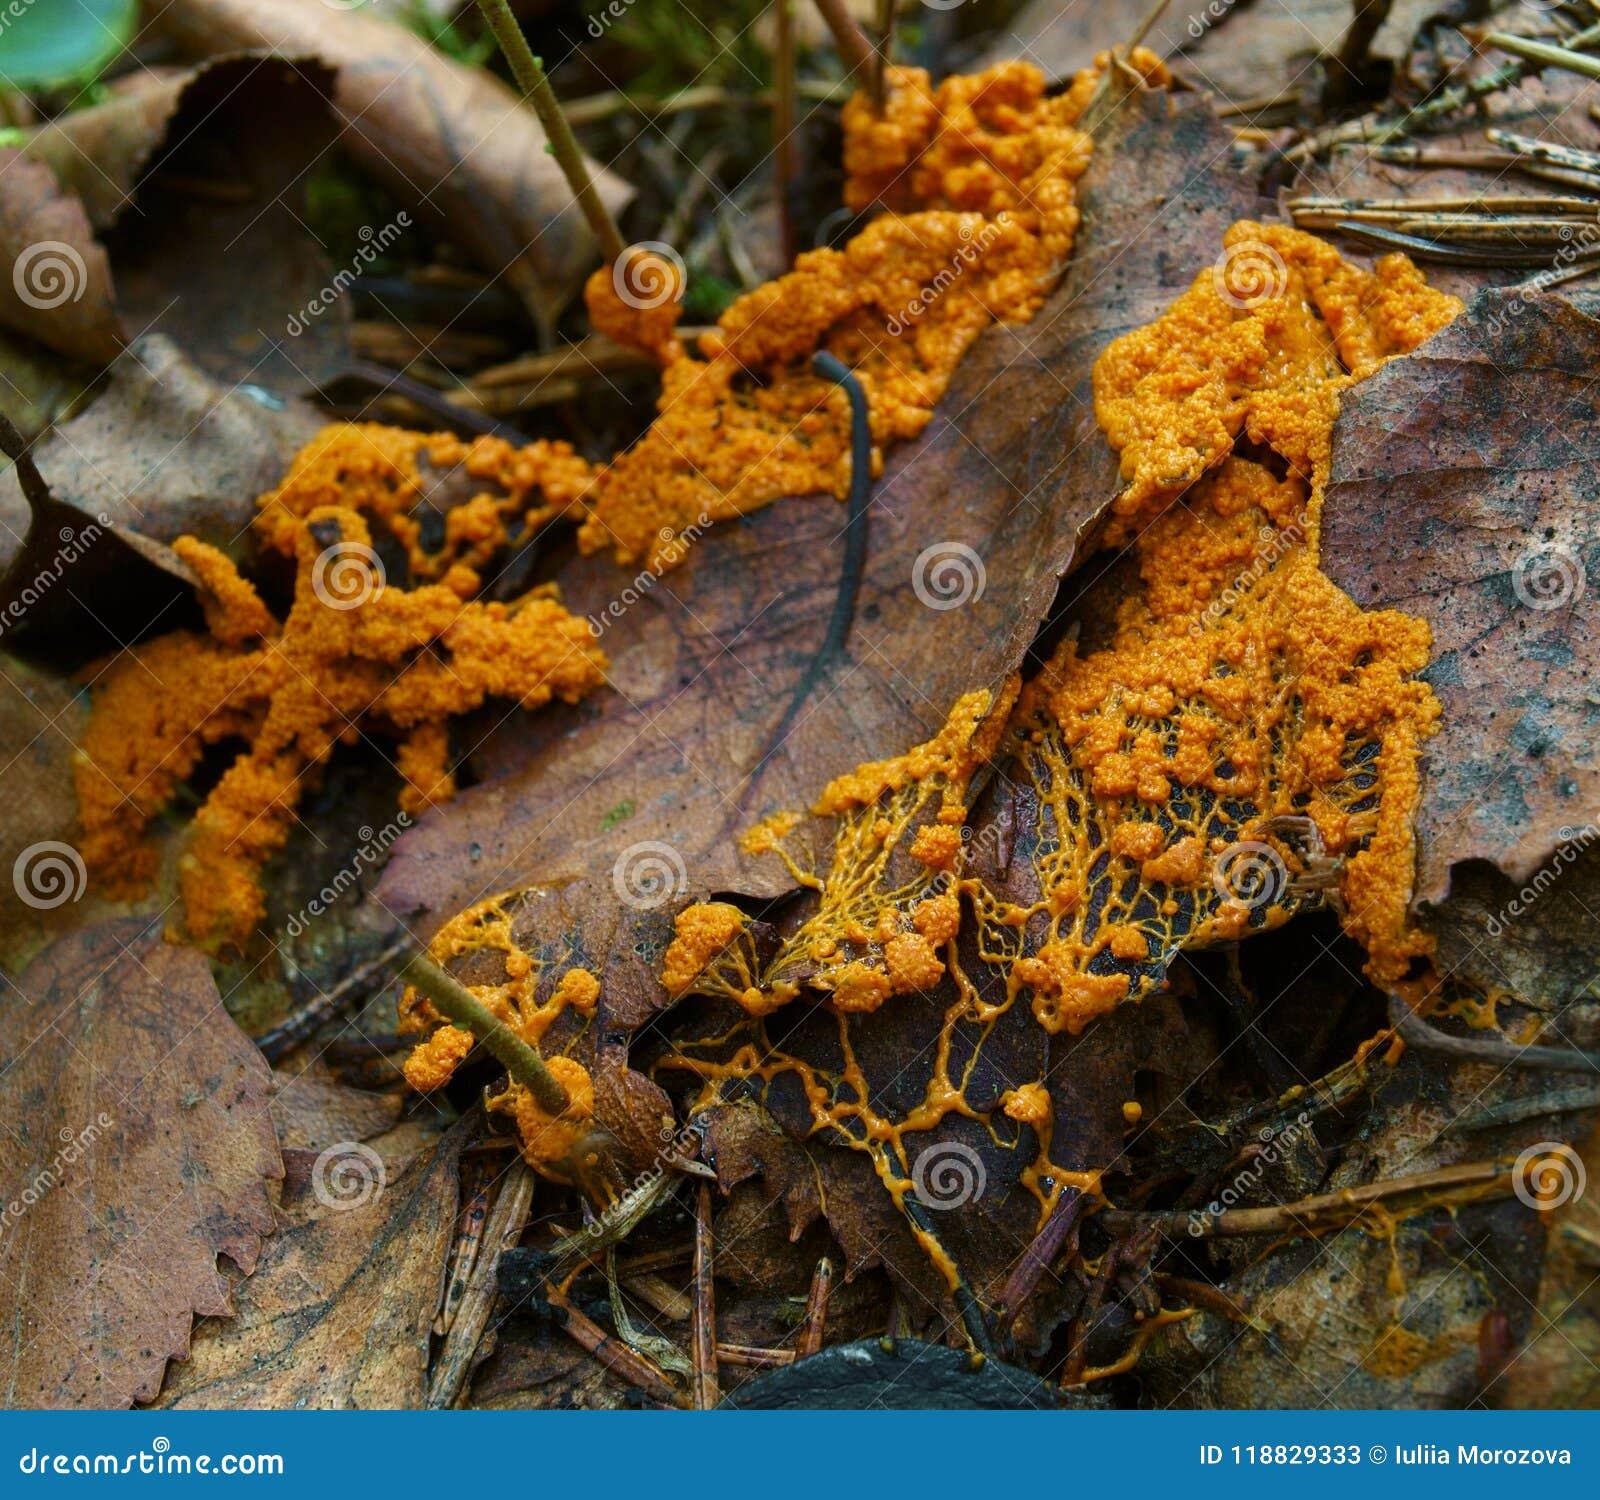 Un plasmodium mobile orange d un moule de boue sur une feuille morte